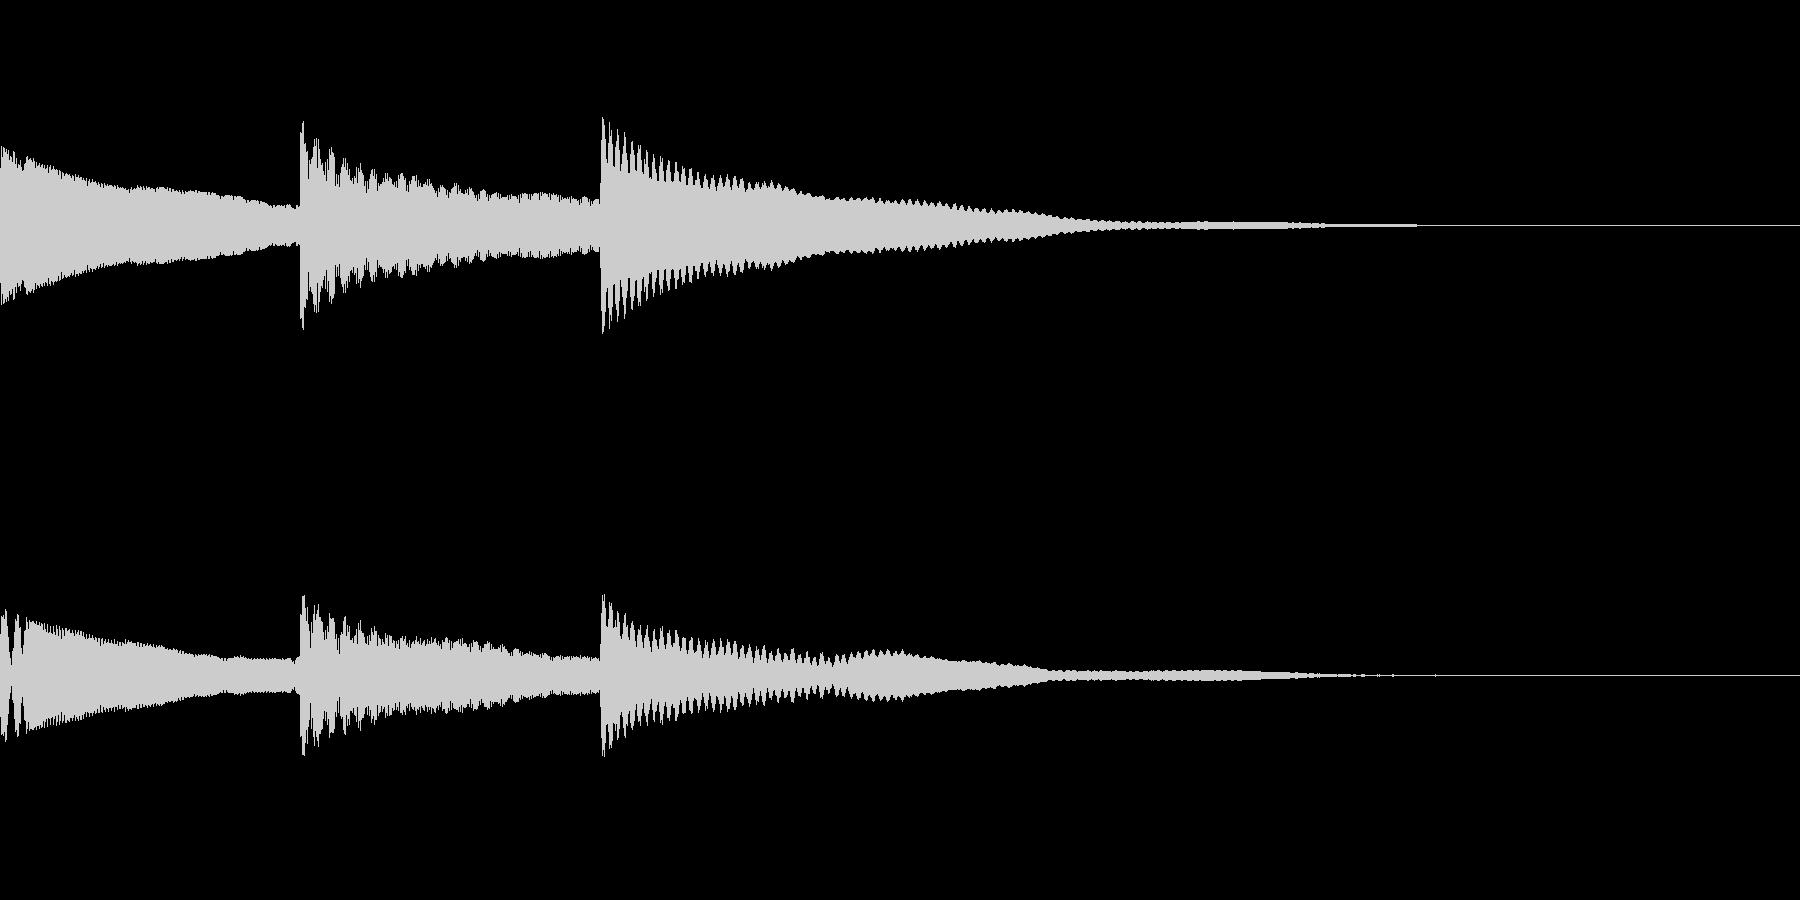 [効果音]ピンポンパン、着信音の未再生の波形